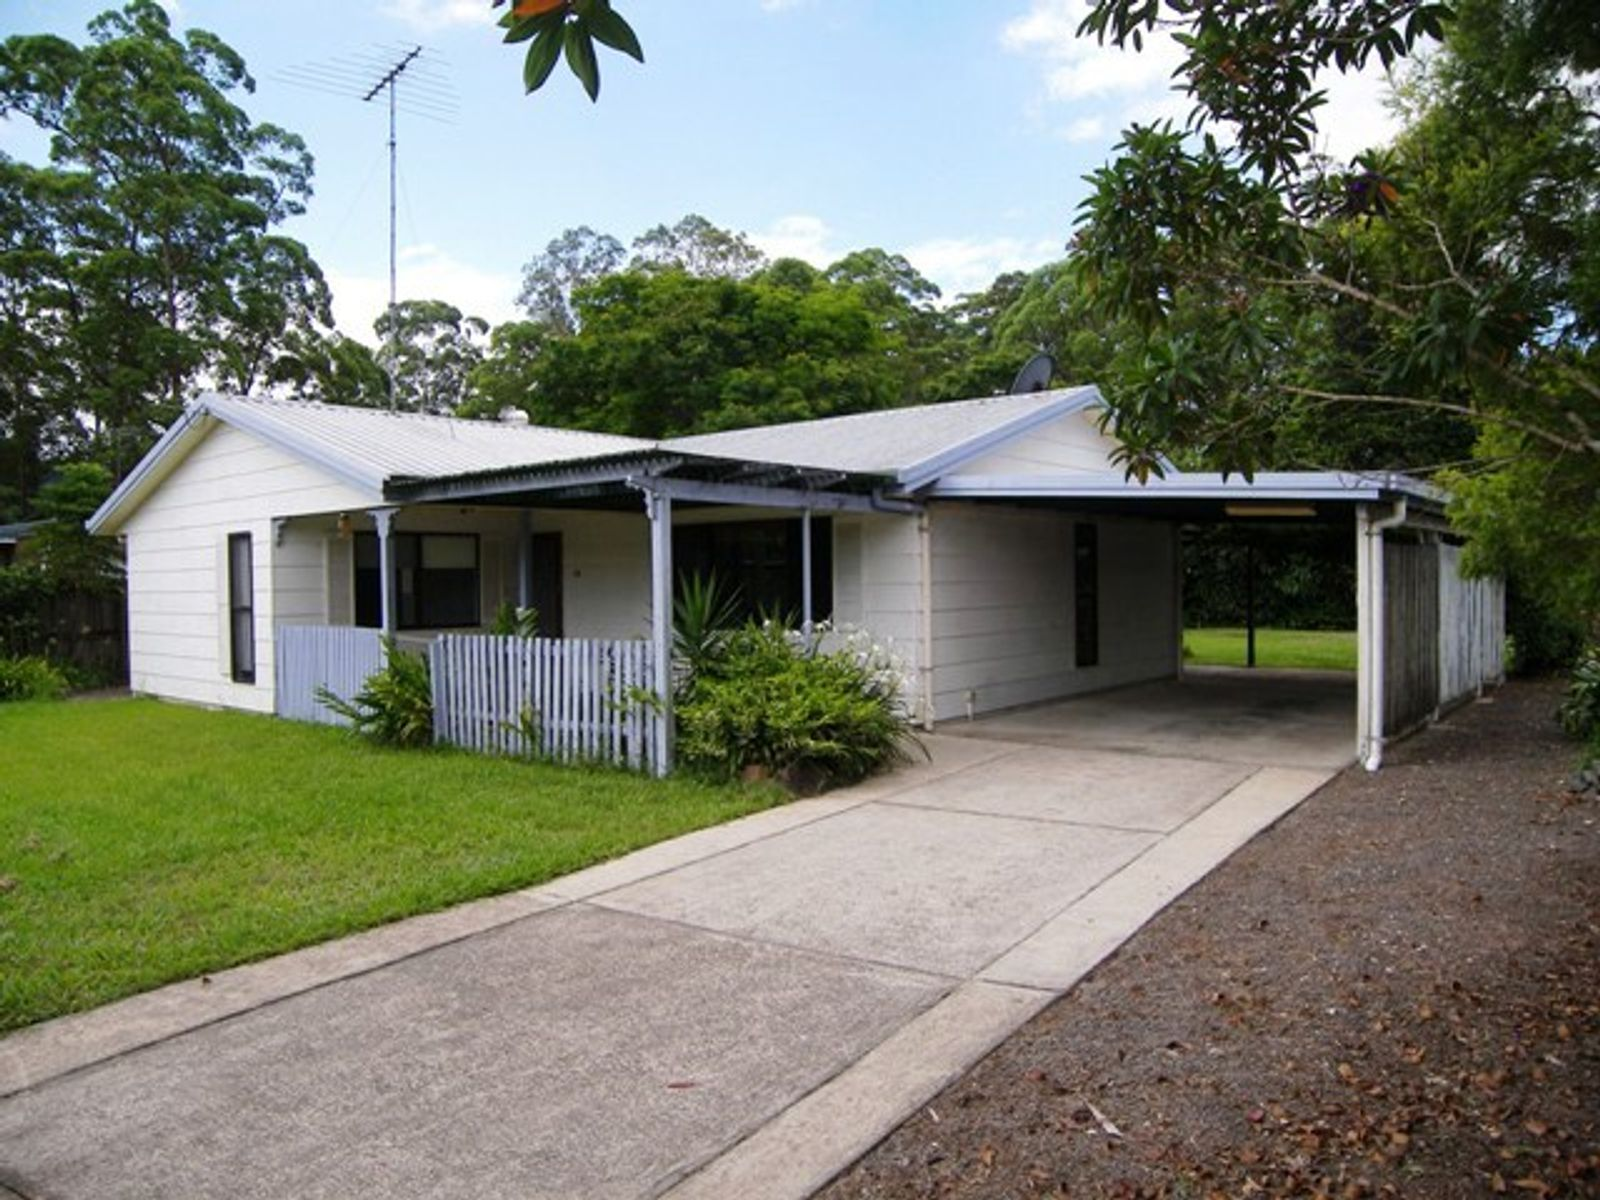 26 Vidler Court, Landsborough, QLD 4550